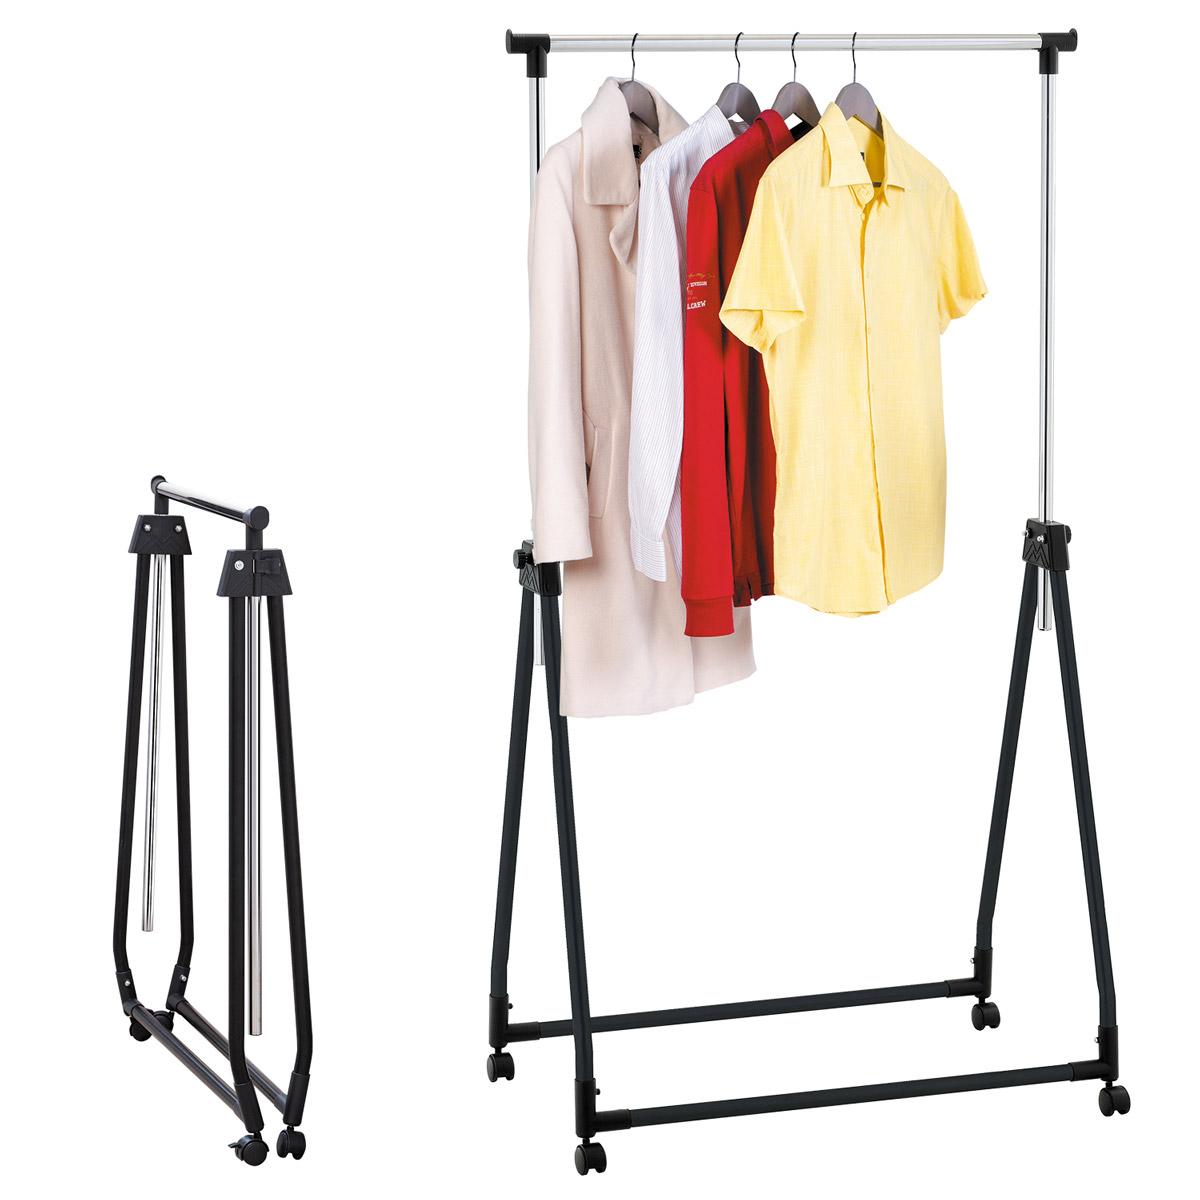 Стойка для одежды Tatkraft Halland, складная, высота 99 см - 167 см25051 7_желтыйСтойка для одежды Tatkraft Halland изготовлена из хромированной стали. На такую стойку удобно вешать одежду, при этом стойка не займет много места. Высота регулируемая, от 99 см до 167 см. Для удобного хранения и перемещения, стойка имеет складную конструкцию и 4 колесика. Практичная и стильная стойка займет достойное место в вашем доме. Размер стойки в сложенном виде: 89 см х 11 х 99 см.Размер в разложенном виде: 89 см х 49 см х 99-167 см.